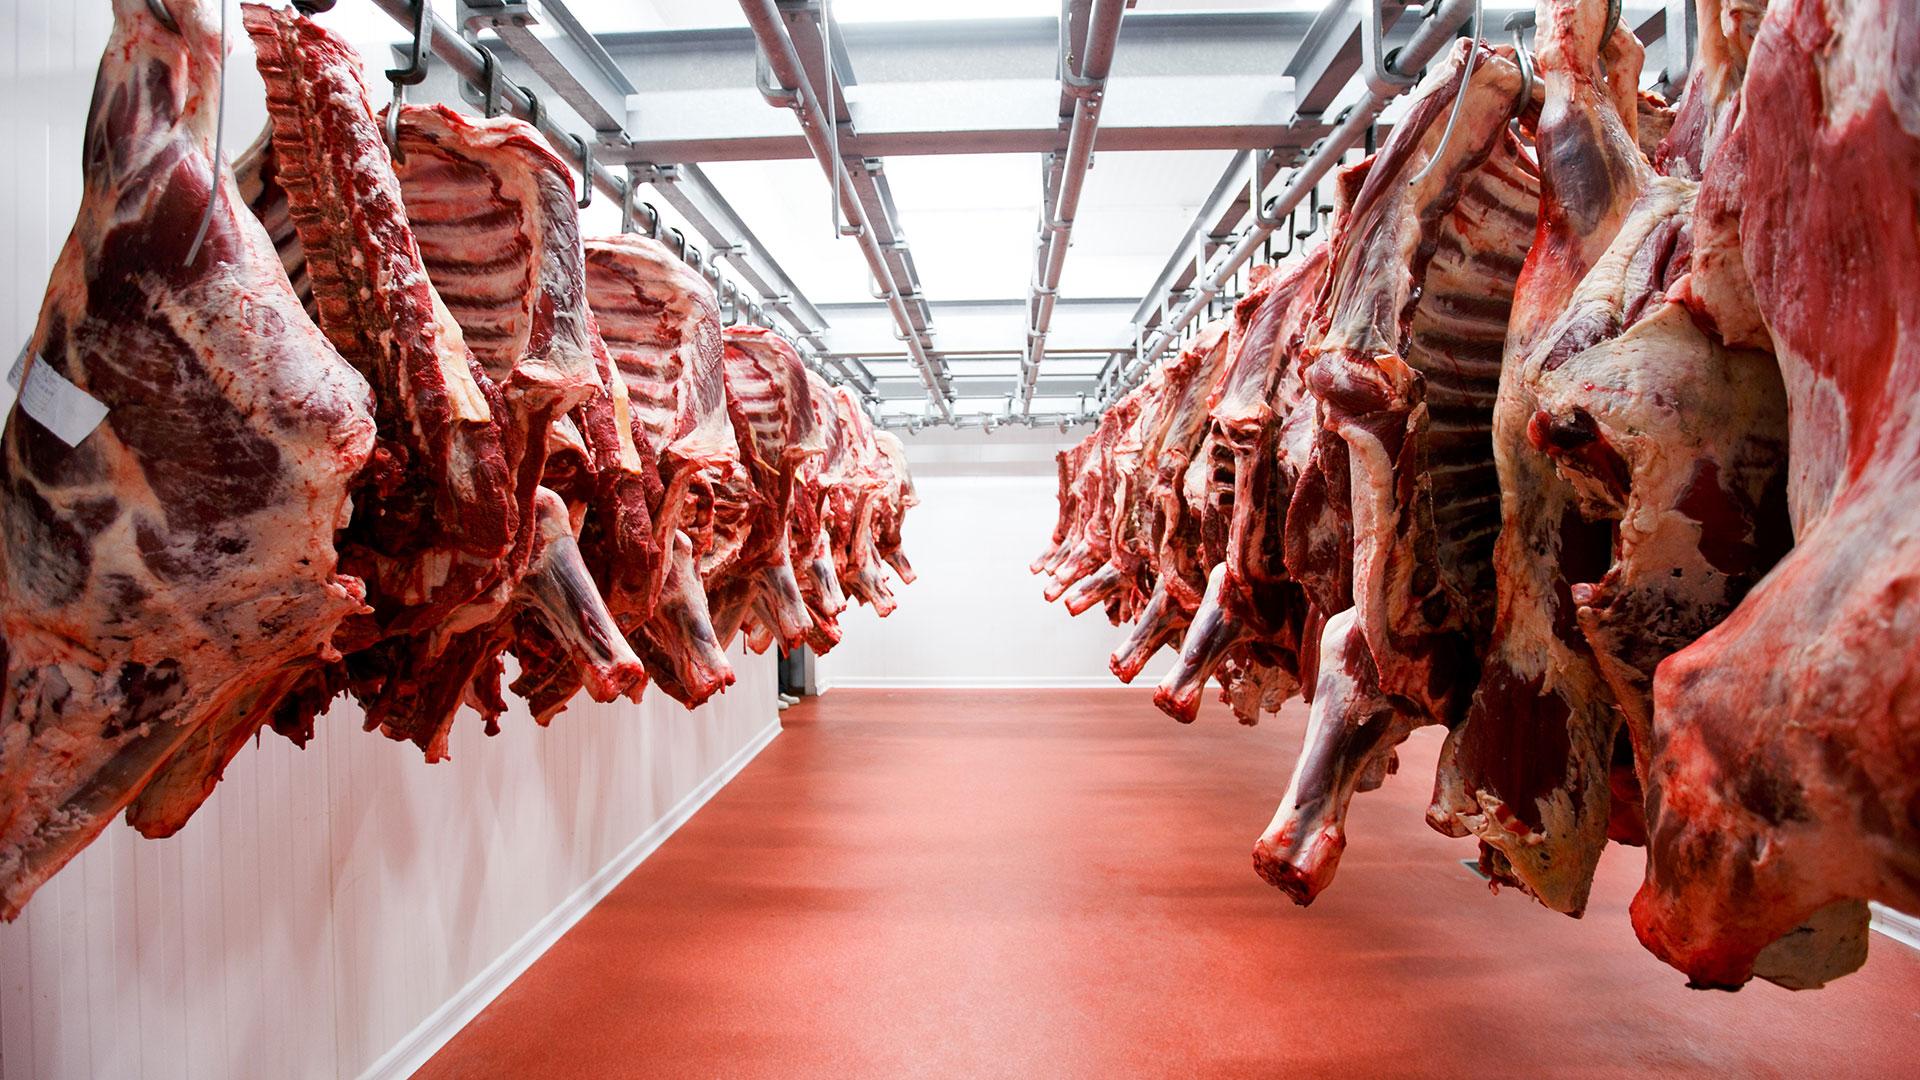 Argentina alcanzó el mayor volumen de exportaciones de carne vacuna de los  últimos 50 años - Infobae